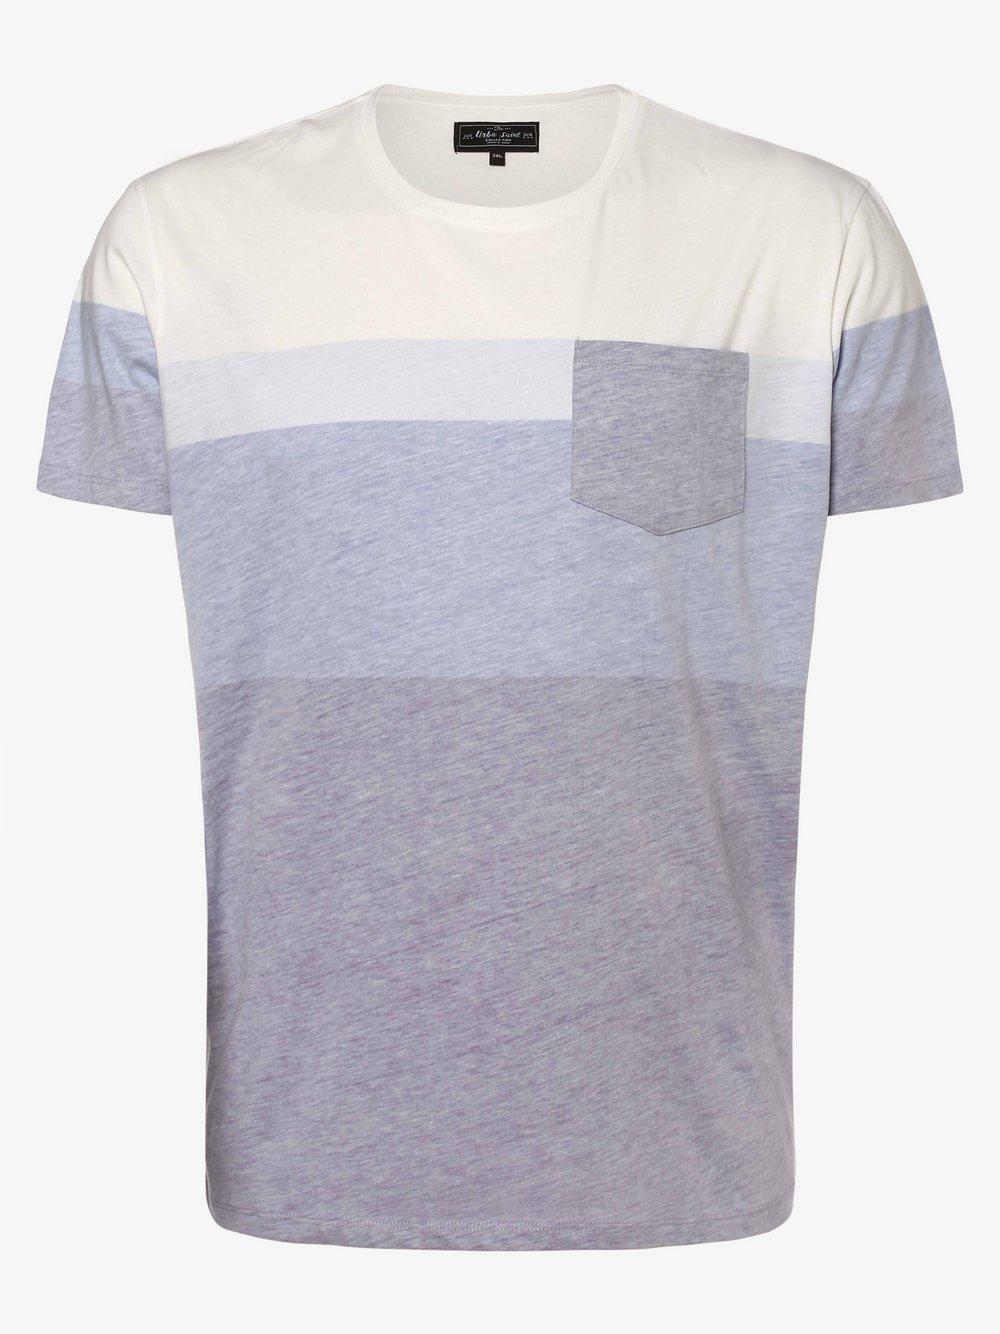 URBN SAINT – T-shirt męski – Dex, niebieski Van Graaf 469725-0002-09996